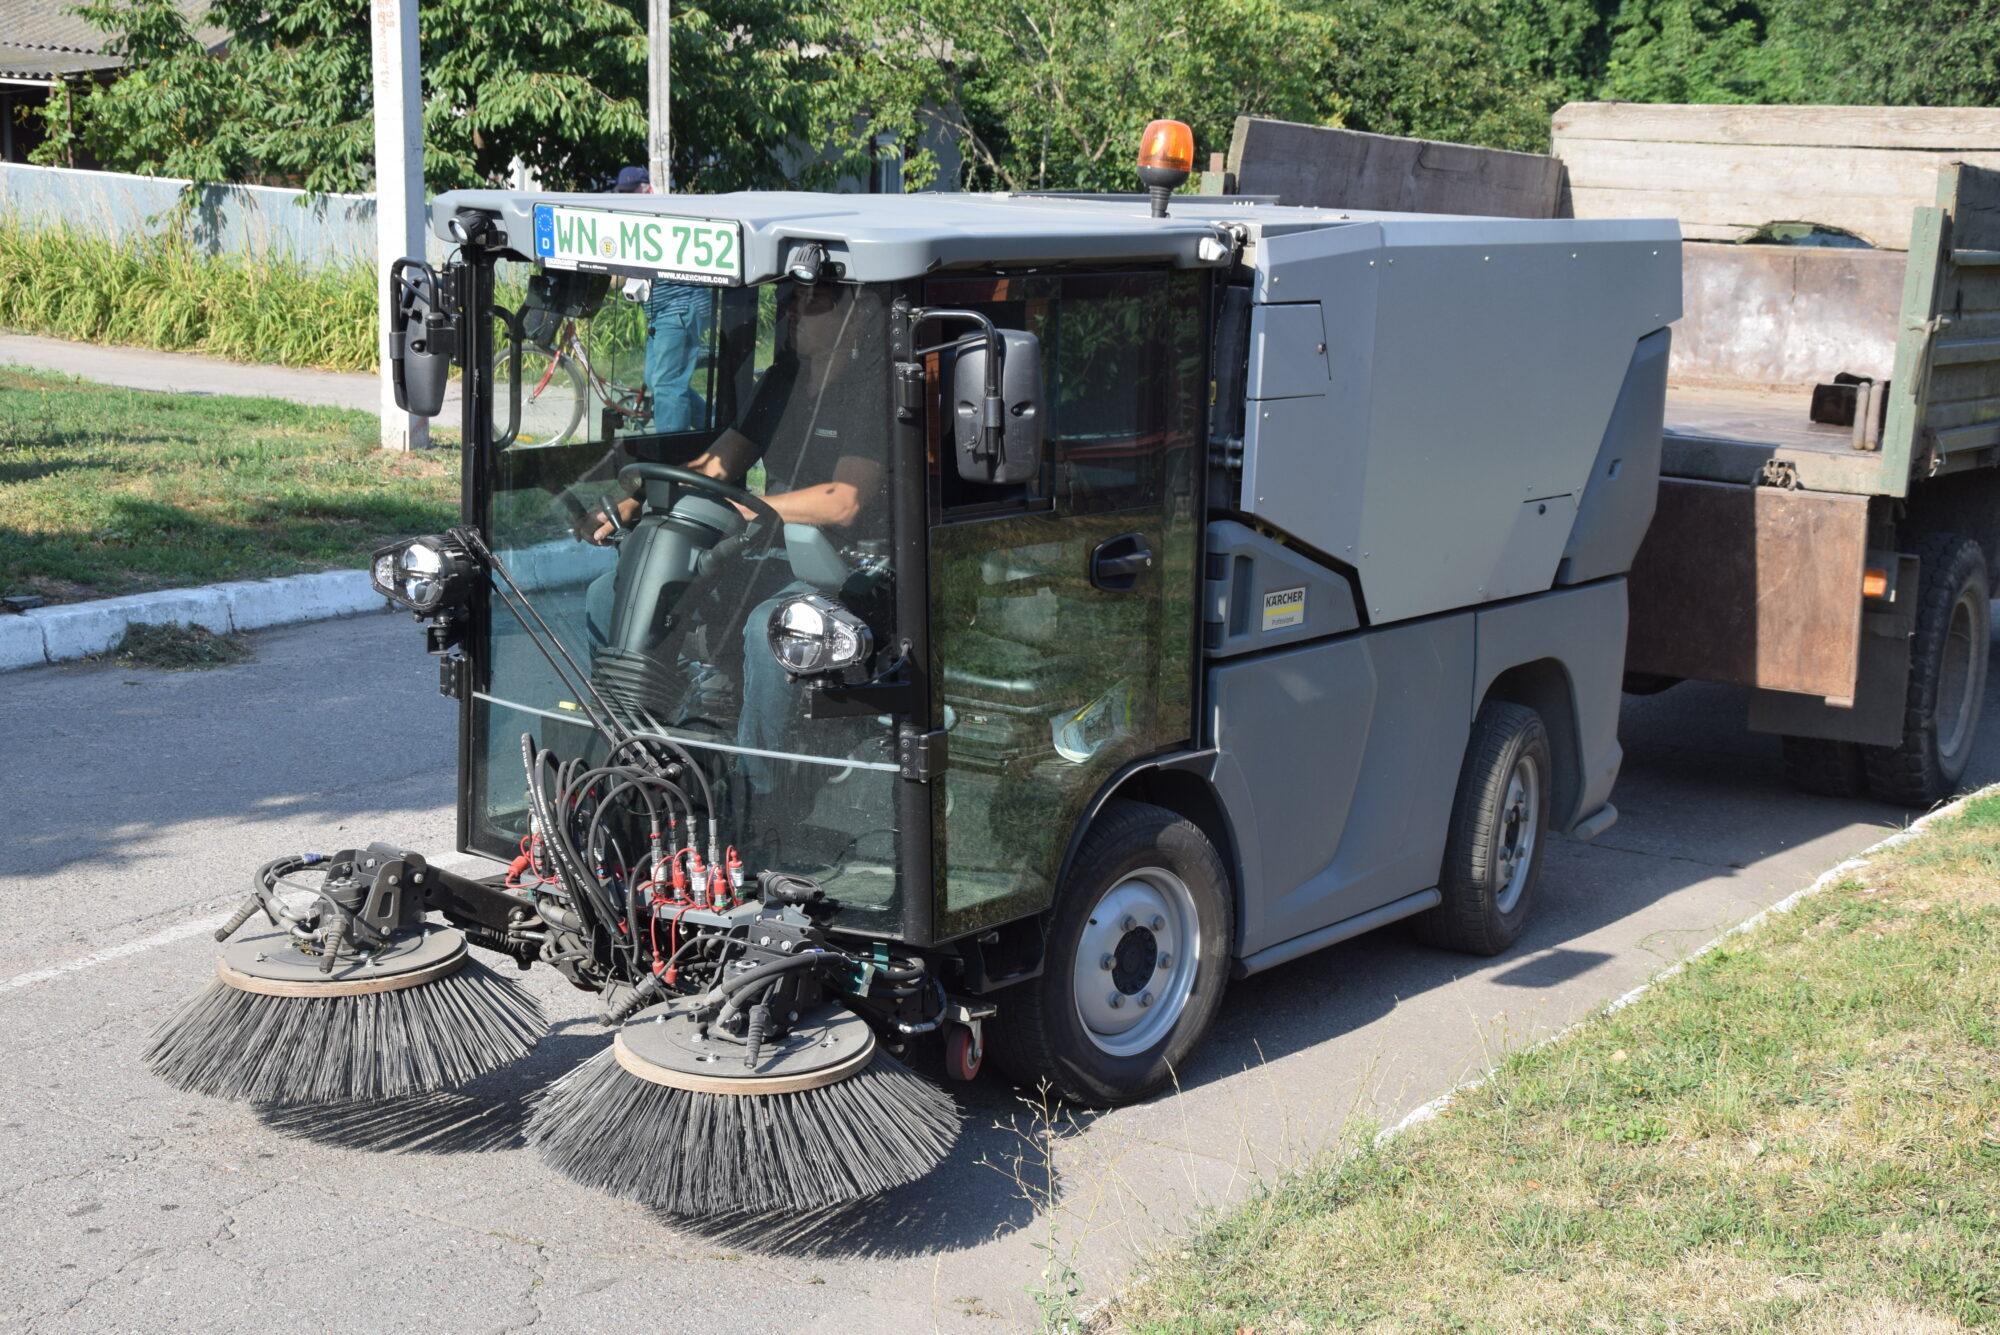 У Переяславі представники компанії Kärcher провели «тест-драйв» автомобіля для прибирання - Переяслав, комунальники - DSC 0043 2000x1335